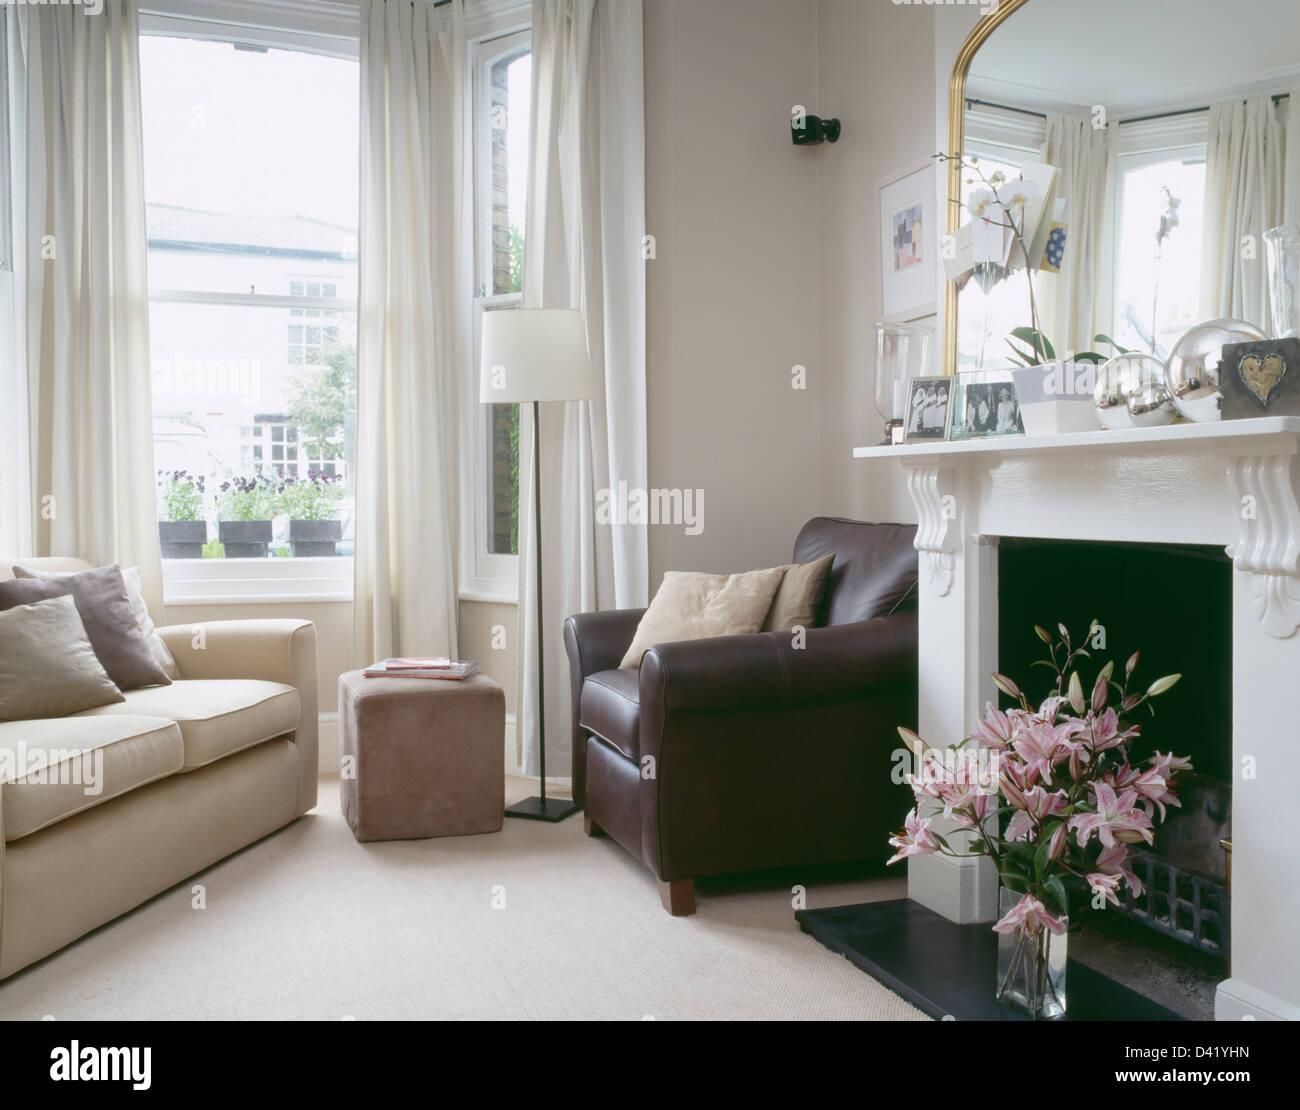 Braun Ledersessel Am Kamin Im Wohnzimmer Stadthaus Mit Sahne Sofa